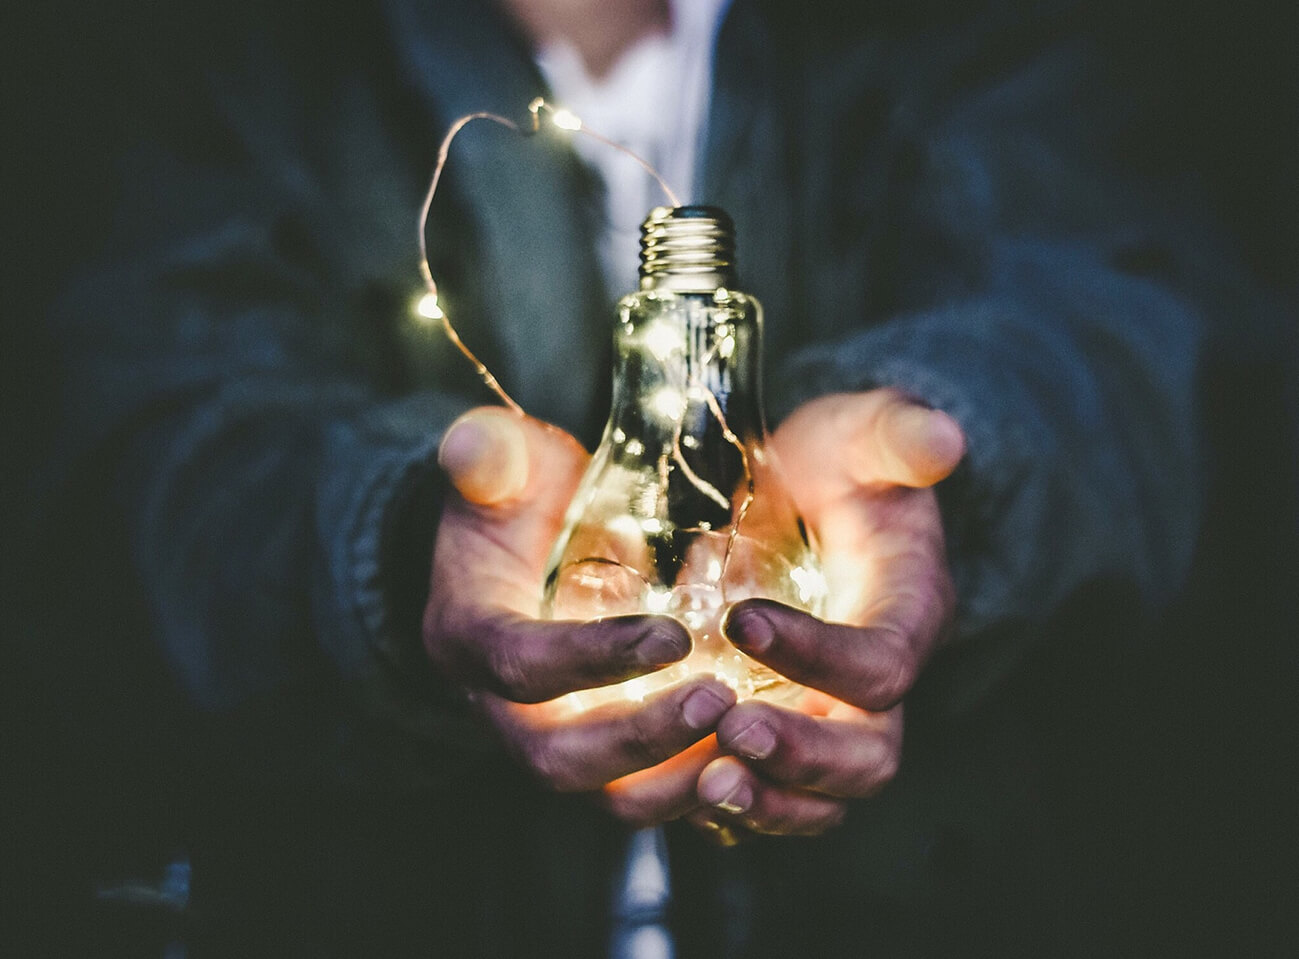 changer de fournisseur d'énergie